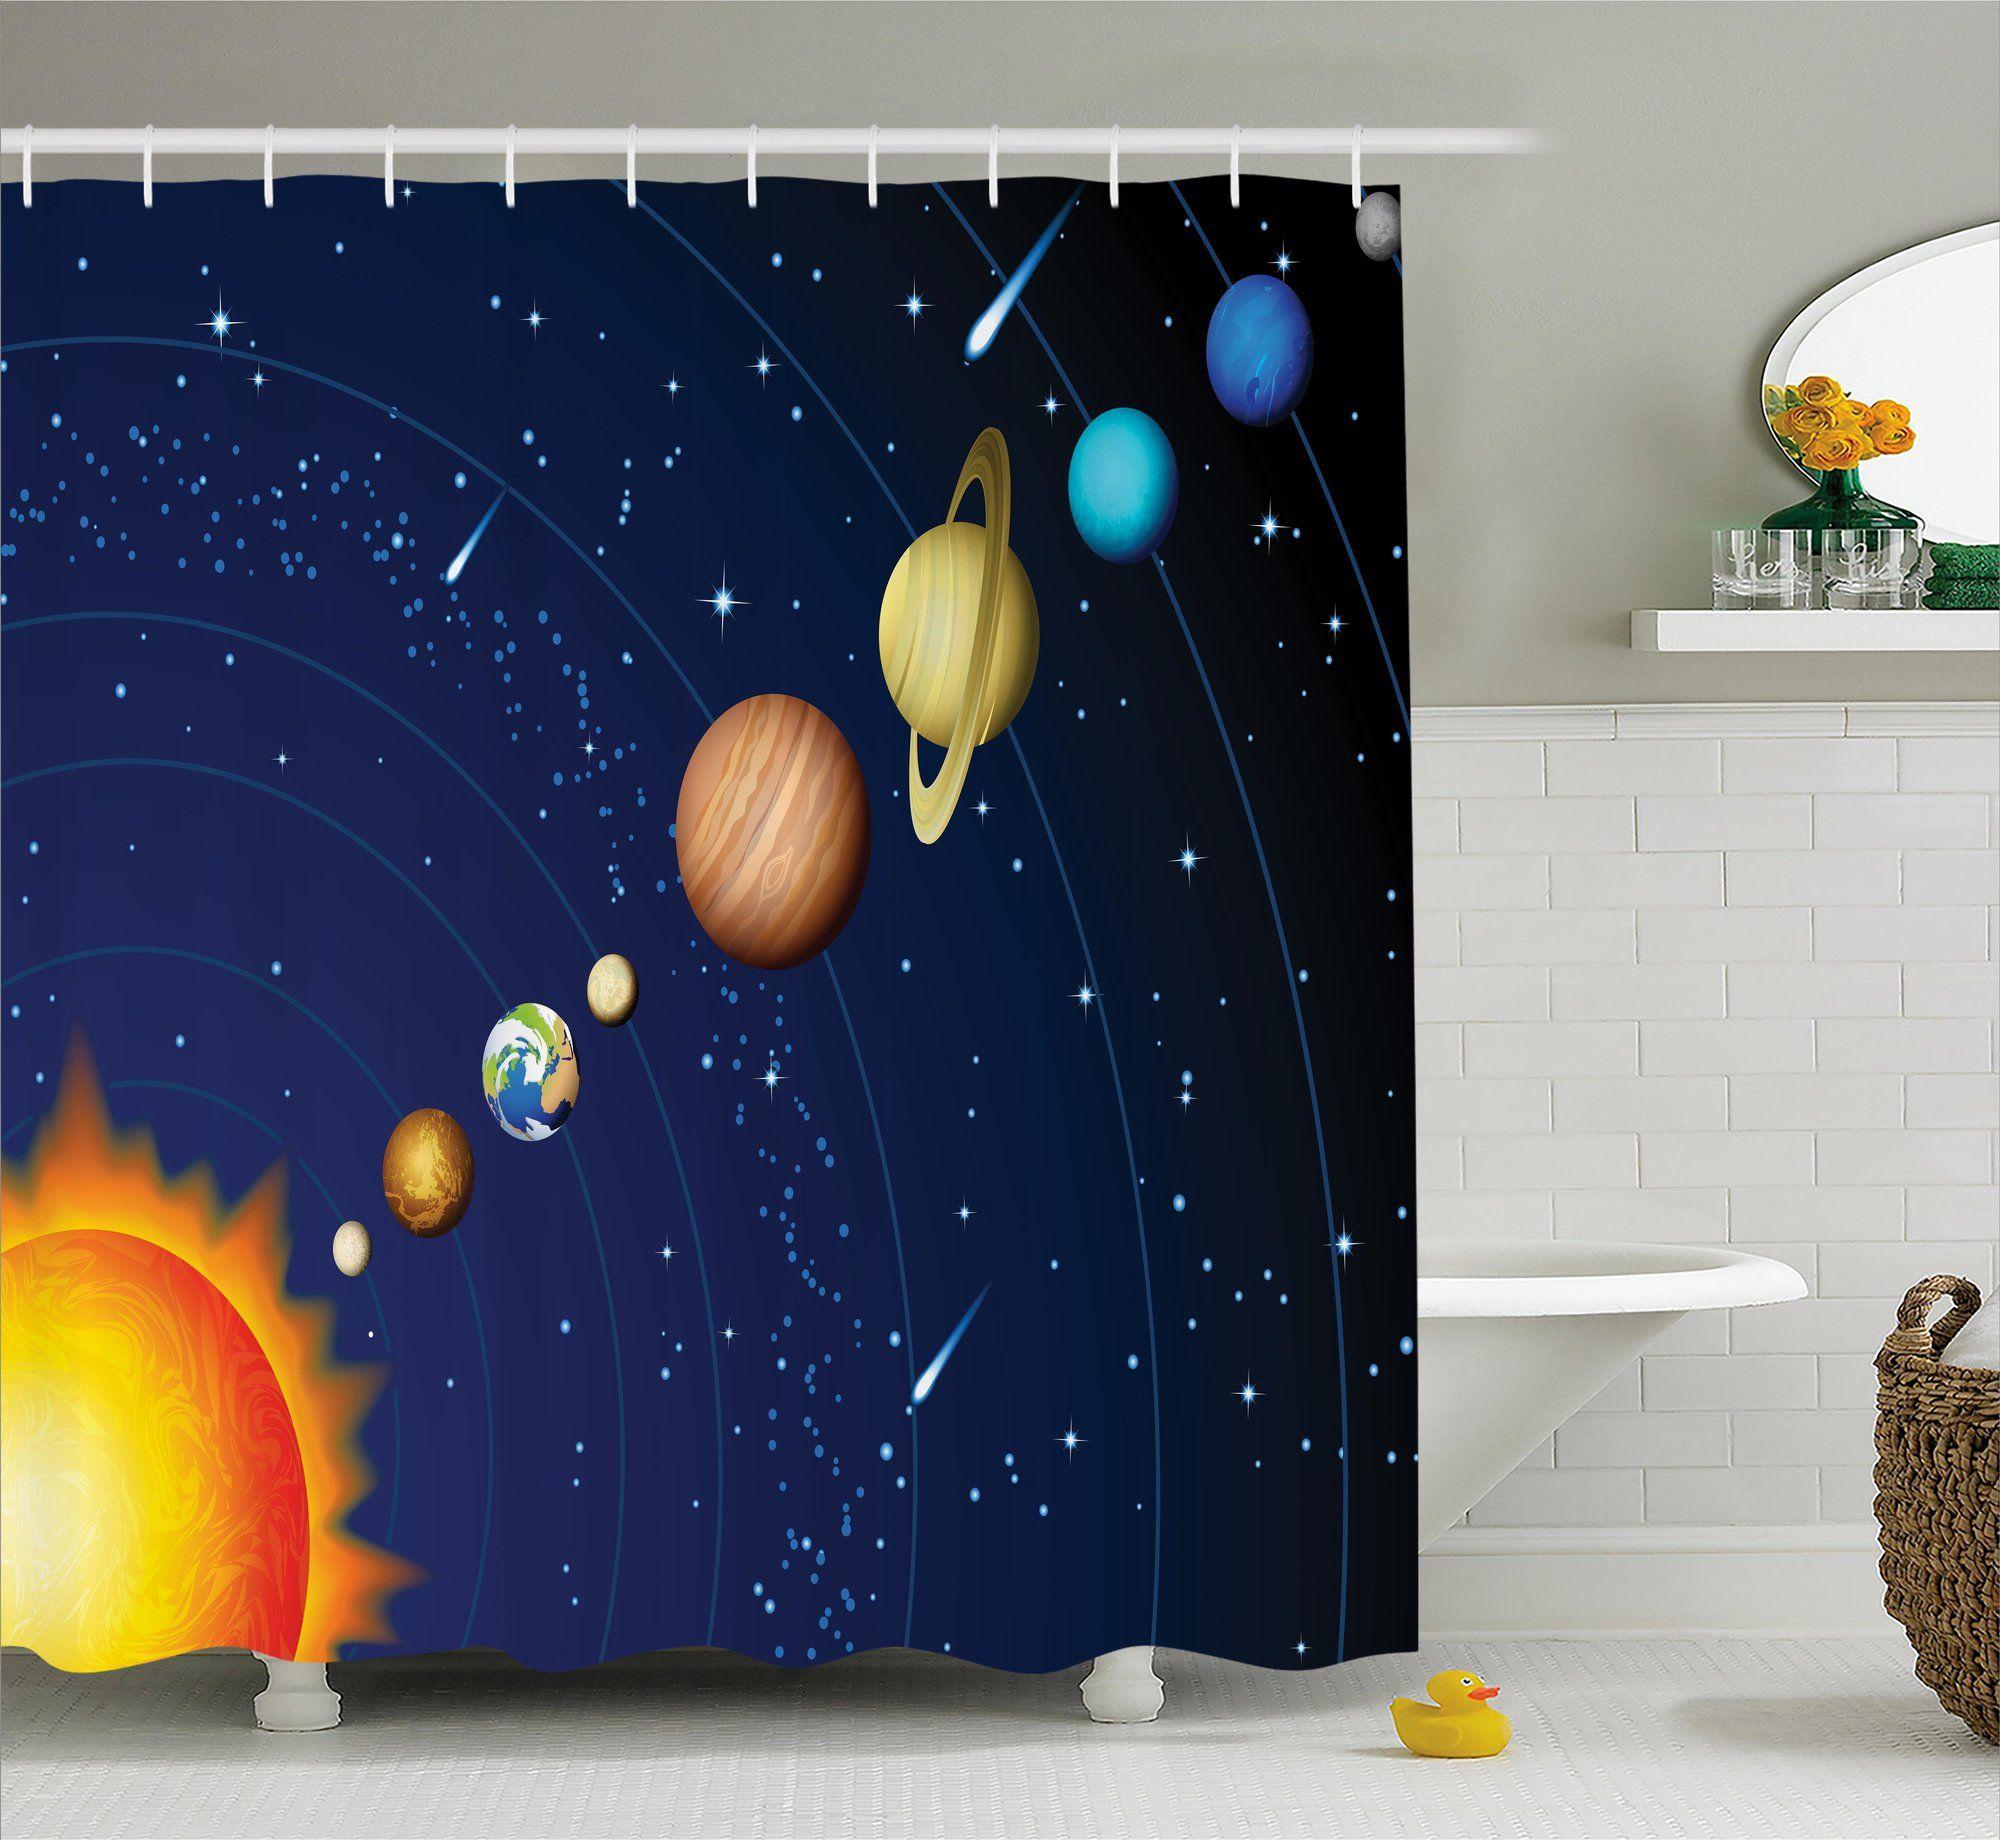 Justyn Solar System With Sun Single Shower Curtain Space Decor Solar System Shower Curtain Solar system bathroom decor